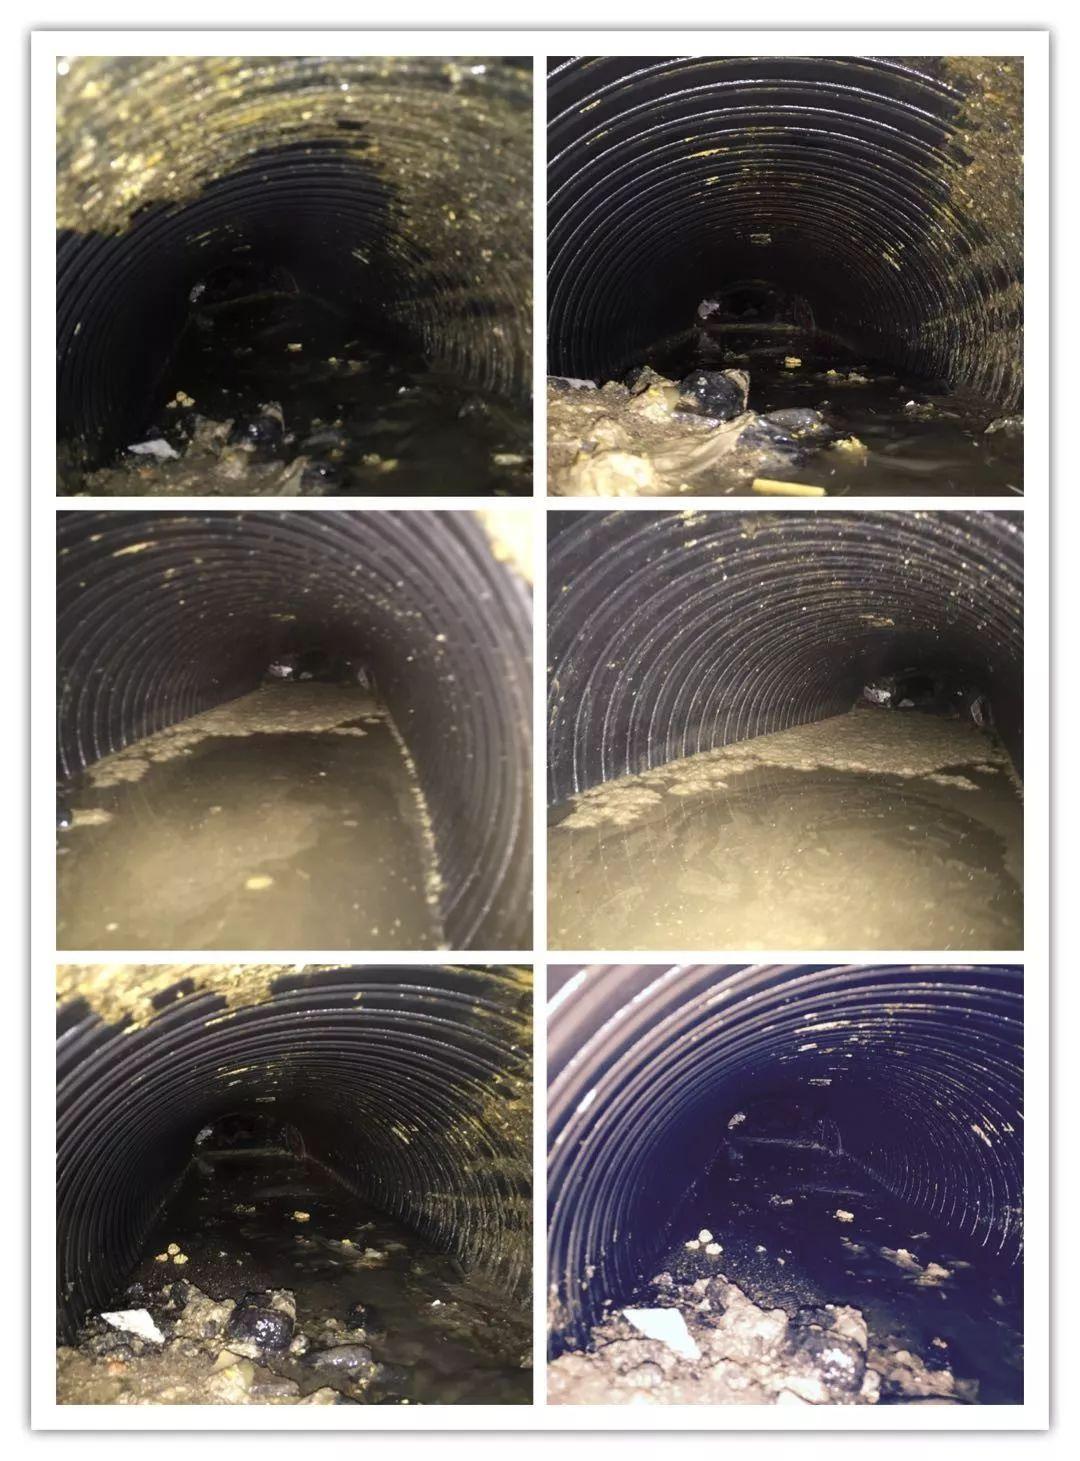 常德大型市政管道清淤,高压车清洗管道,吸污车抽泥浆